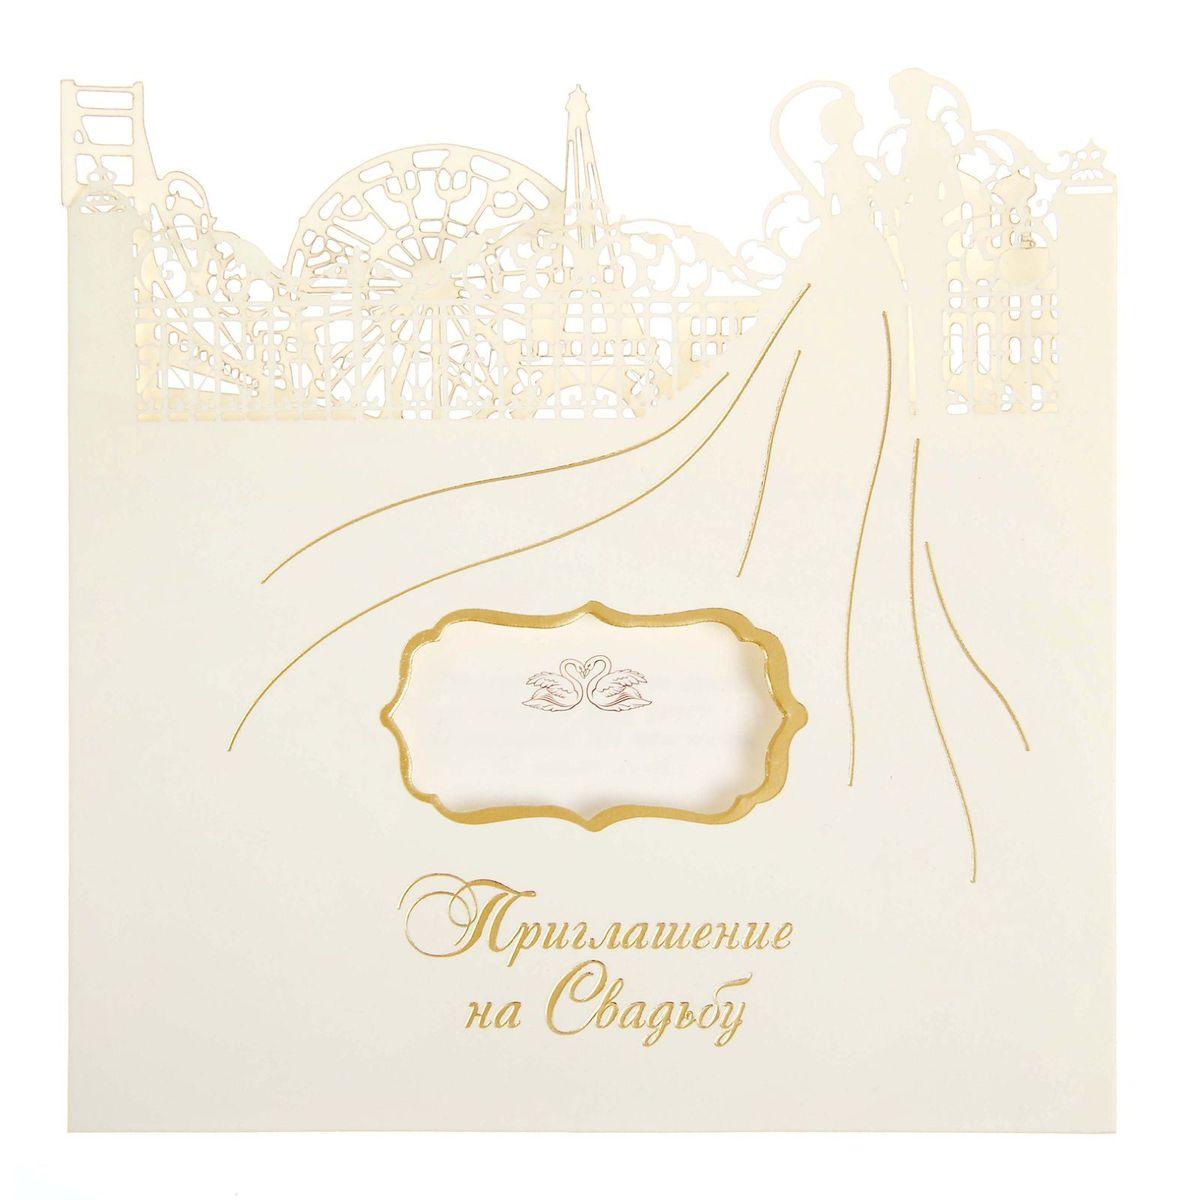 Приглашение на свадьбу Sima-land Две судьбы станут одной..., 15 х 15 см1185647Свадьба - одно из главных событий в жизни каждого человека. Для идеального торжества необходимо продумать каждую мелочь. Родным и близким будет приятно получить индивидуальную красивую открытку с эксклюзивным дизайном.